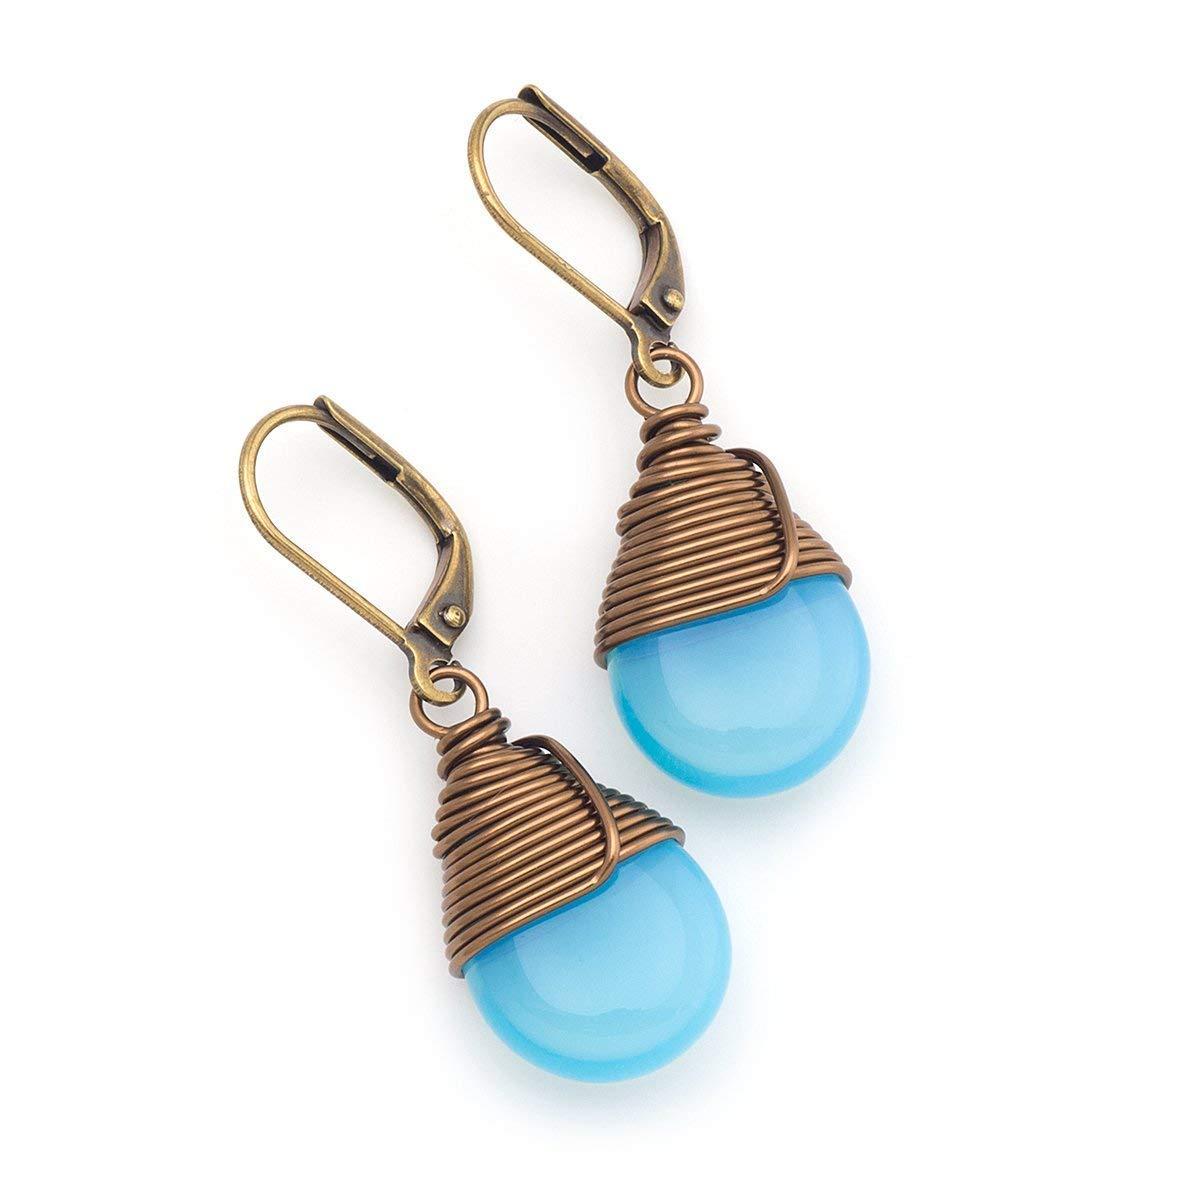 Antiqued Copper and Aqua Czech Glass Earrings